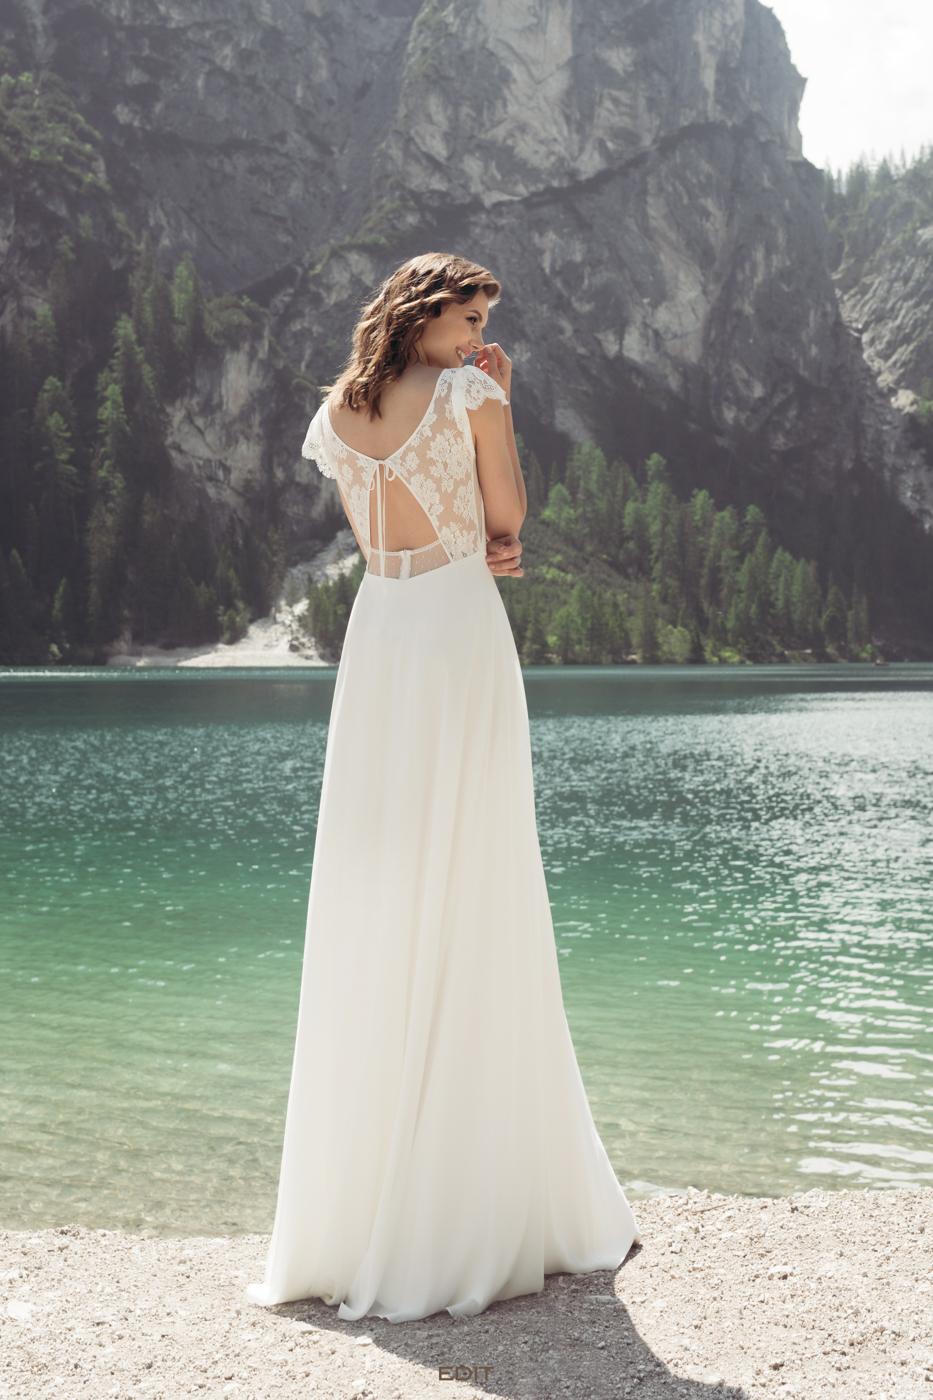 ausgefallener Rücken vintage Brautkleid myLovely unter 1200€ chiffon Rückenausschnitt